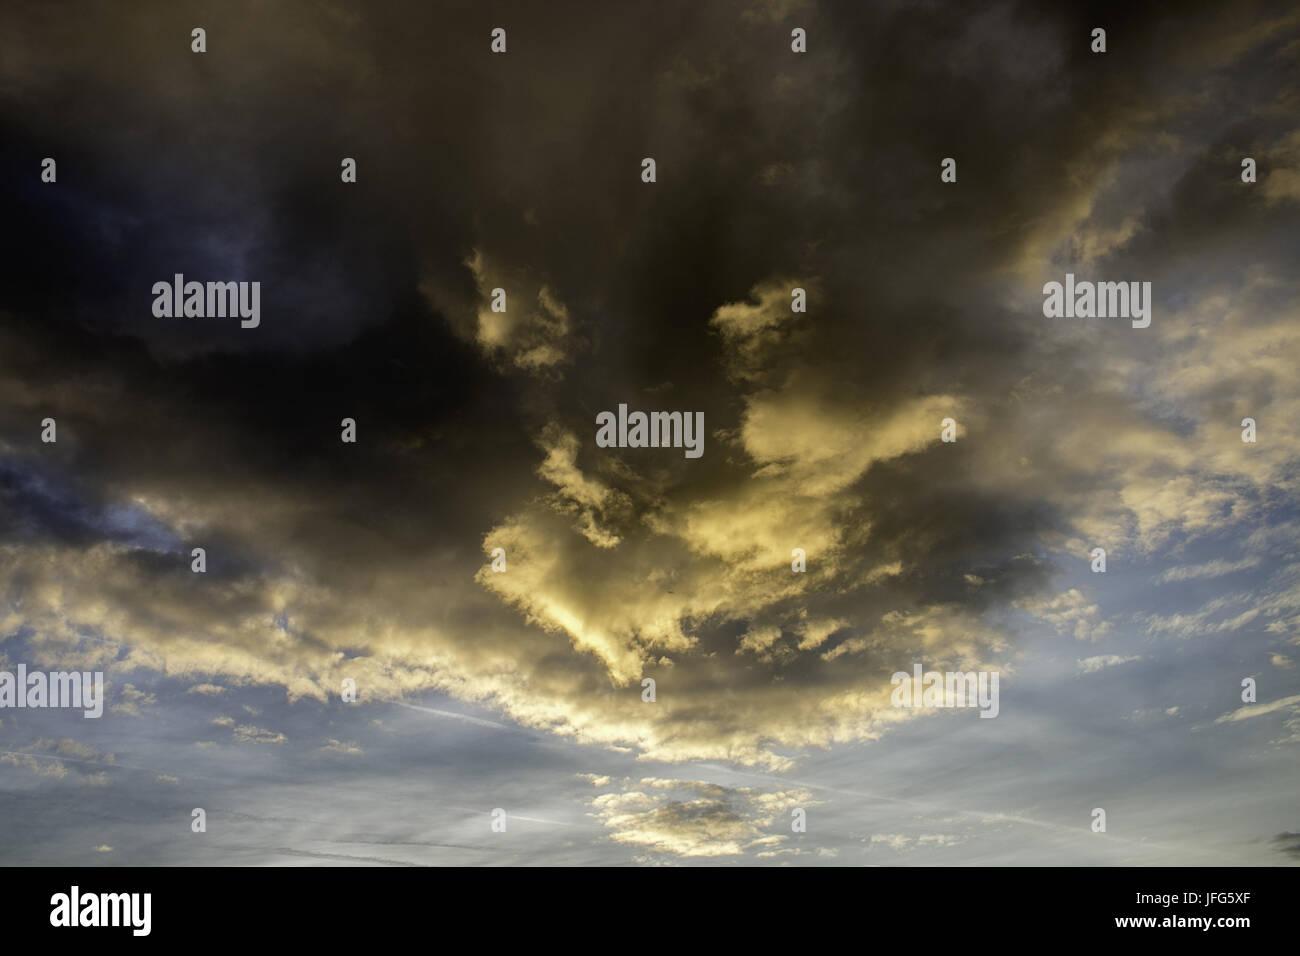 Himmel mit bedrohlicher Wolkenformation Stockbild